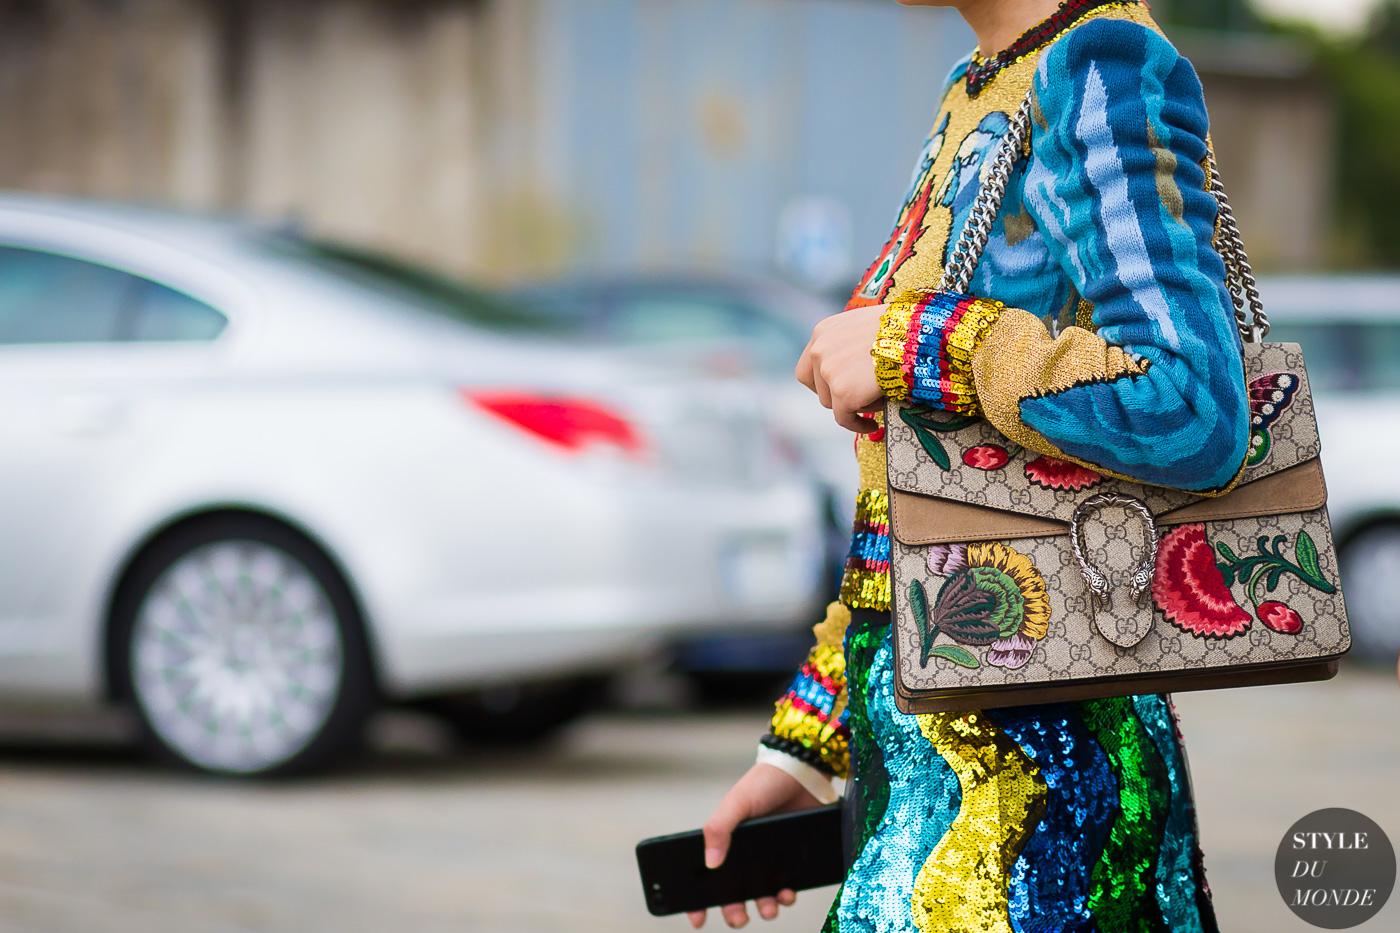 phong cách thời trang maximalism nhiều họa tiết